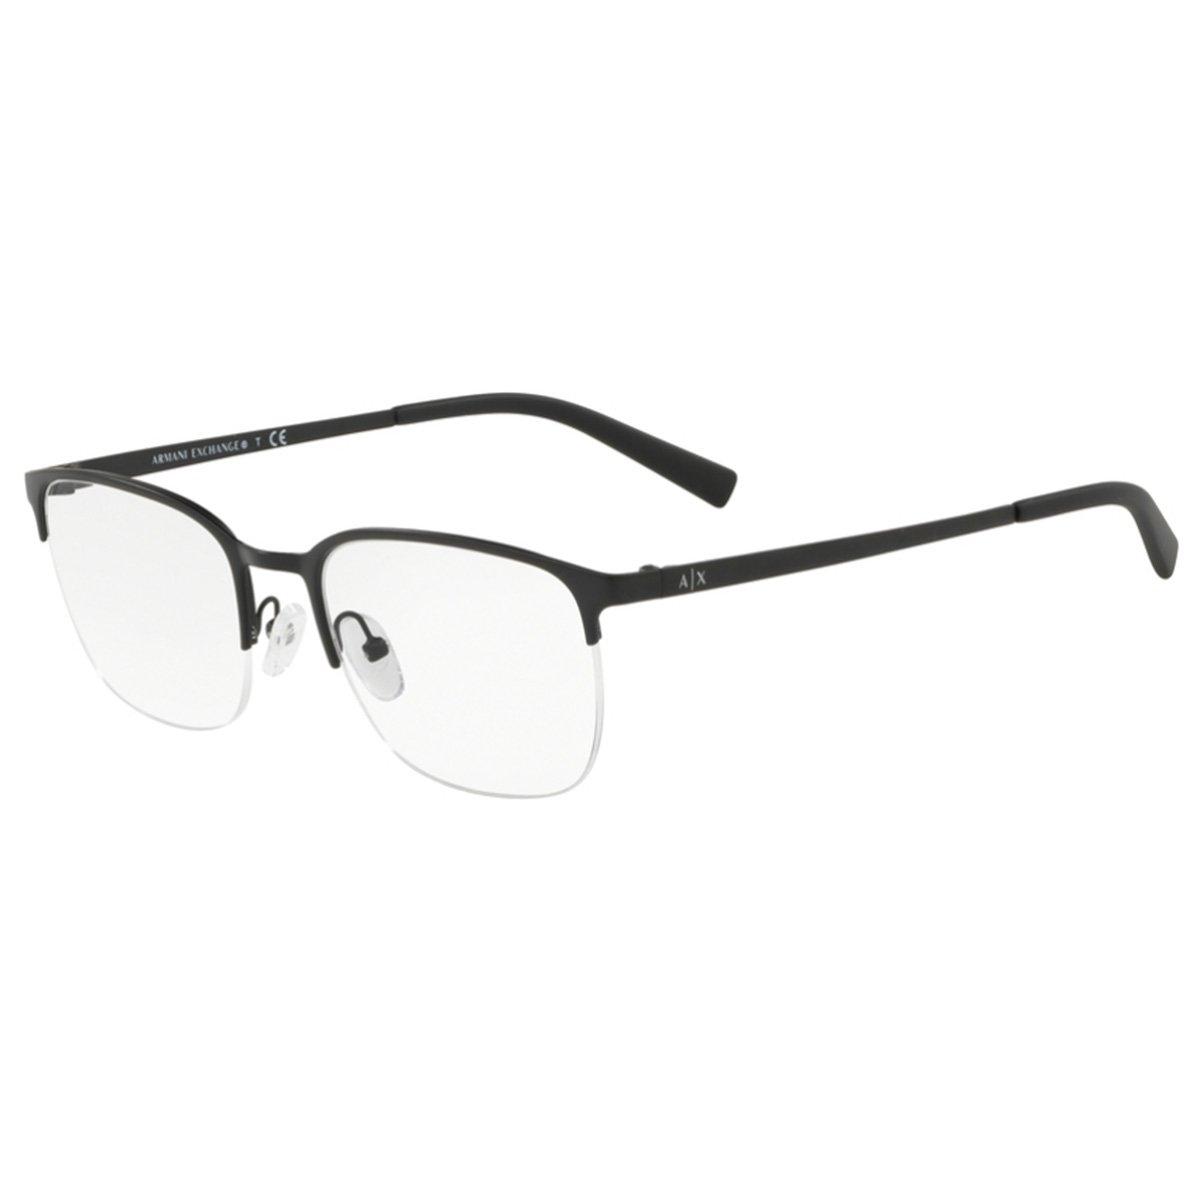 Compre Óculos de Grau Armani Exchange em 10X   Tri-Jóia Shop e635271a37